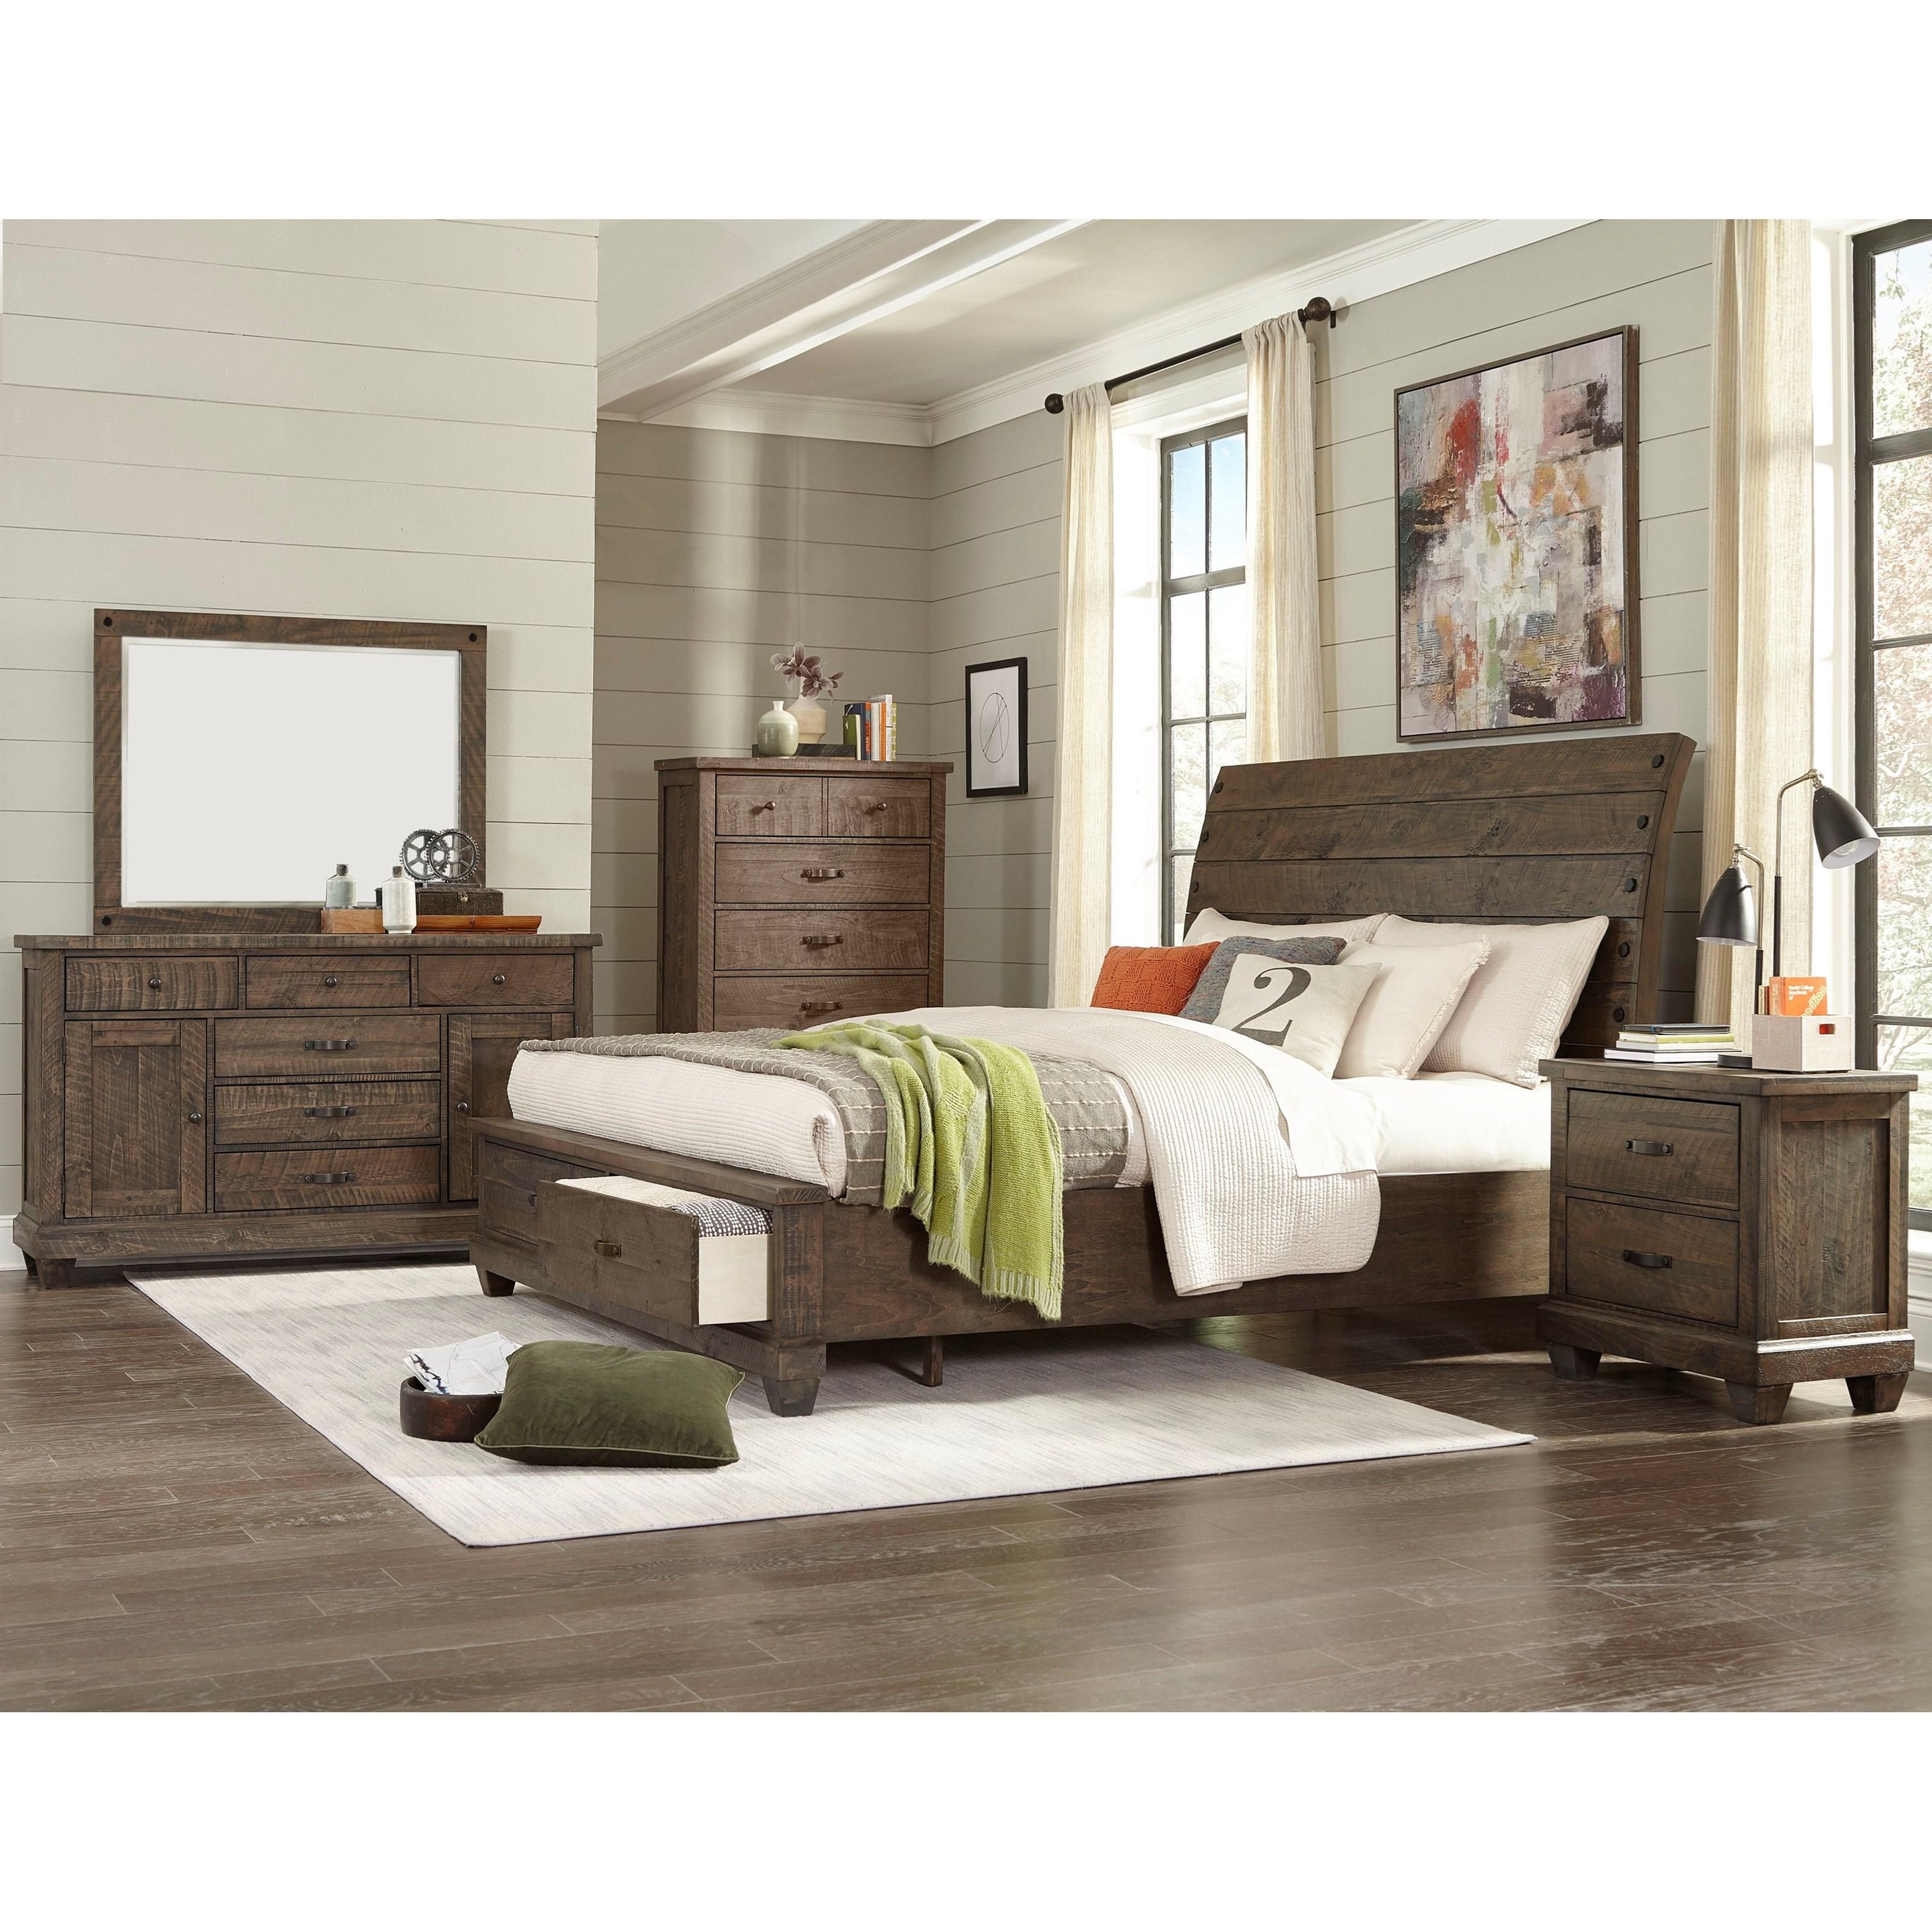 Queen Bedroom Group - 0